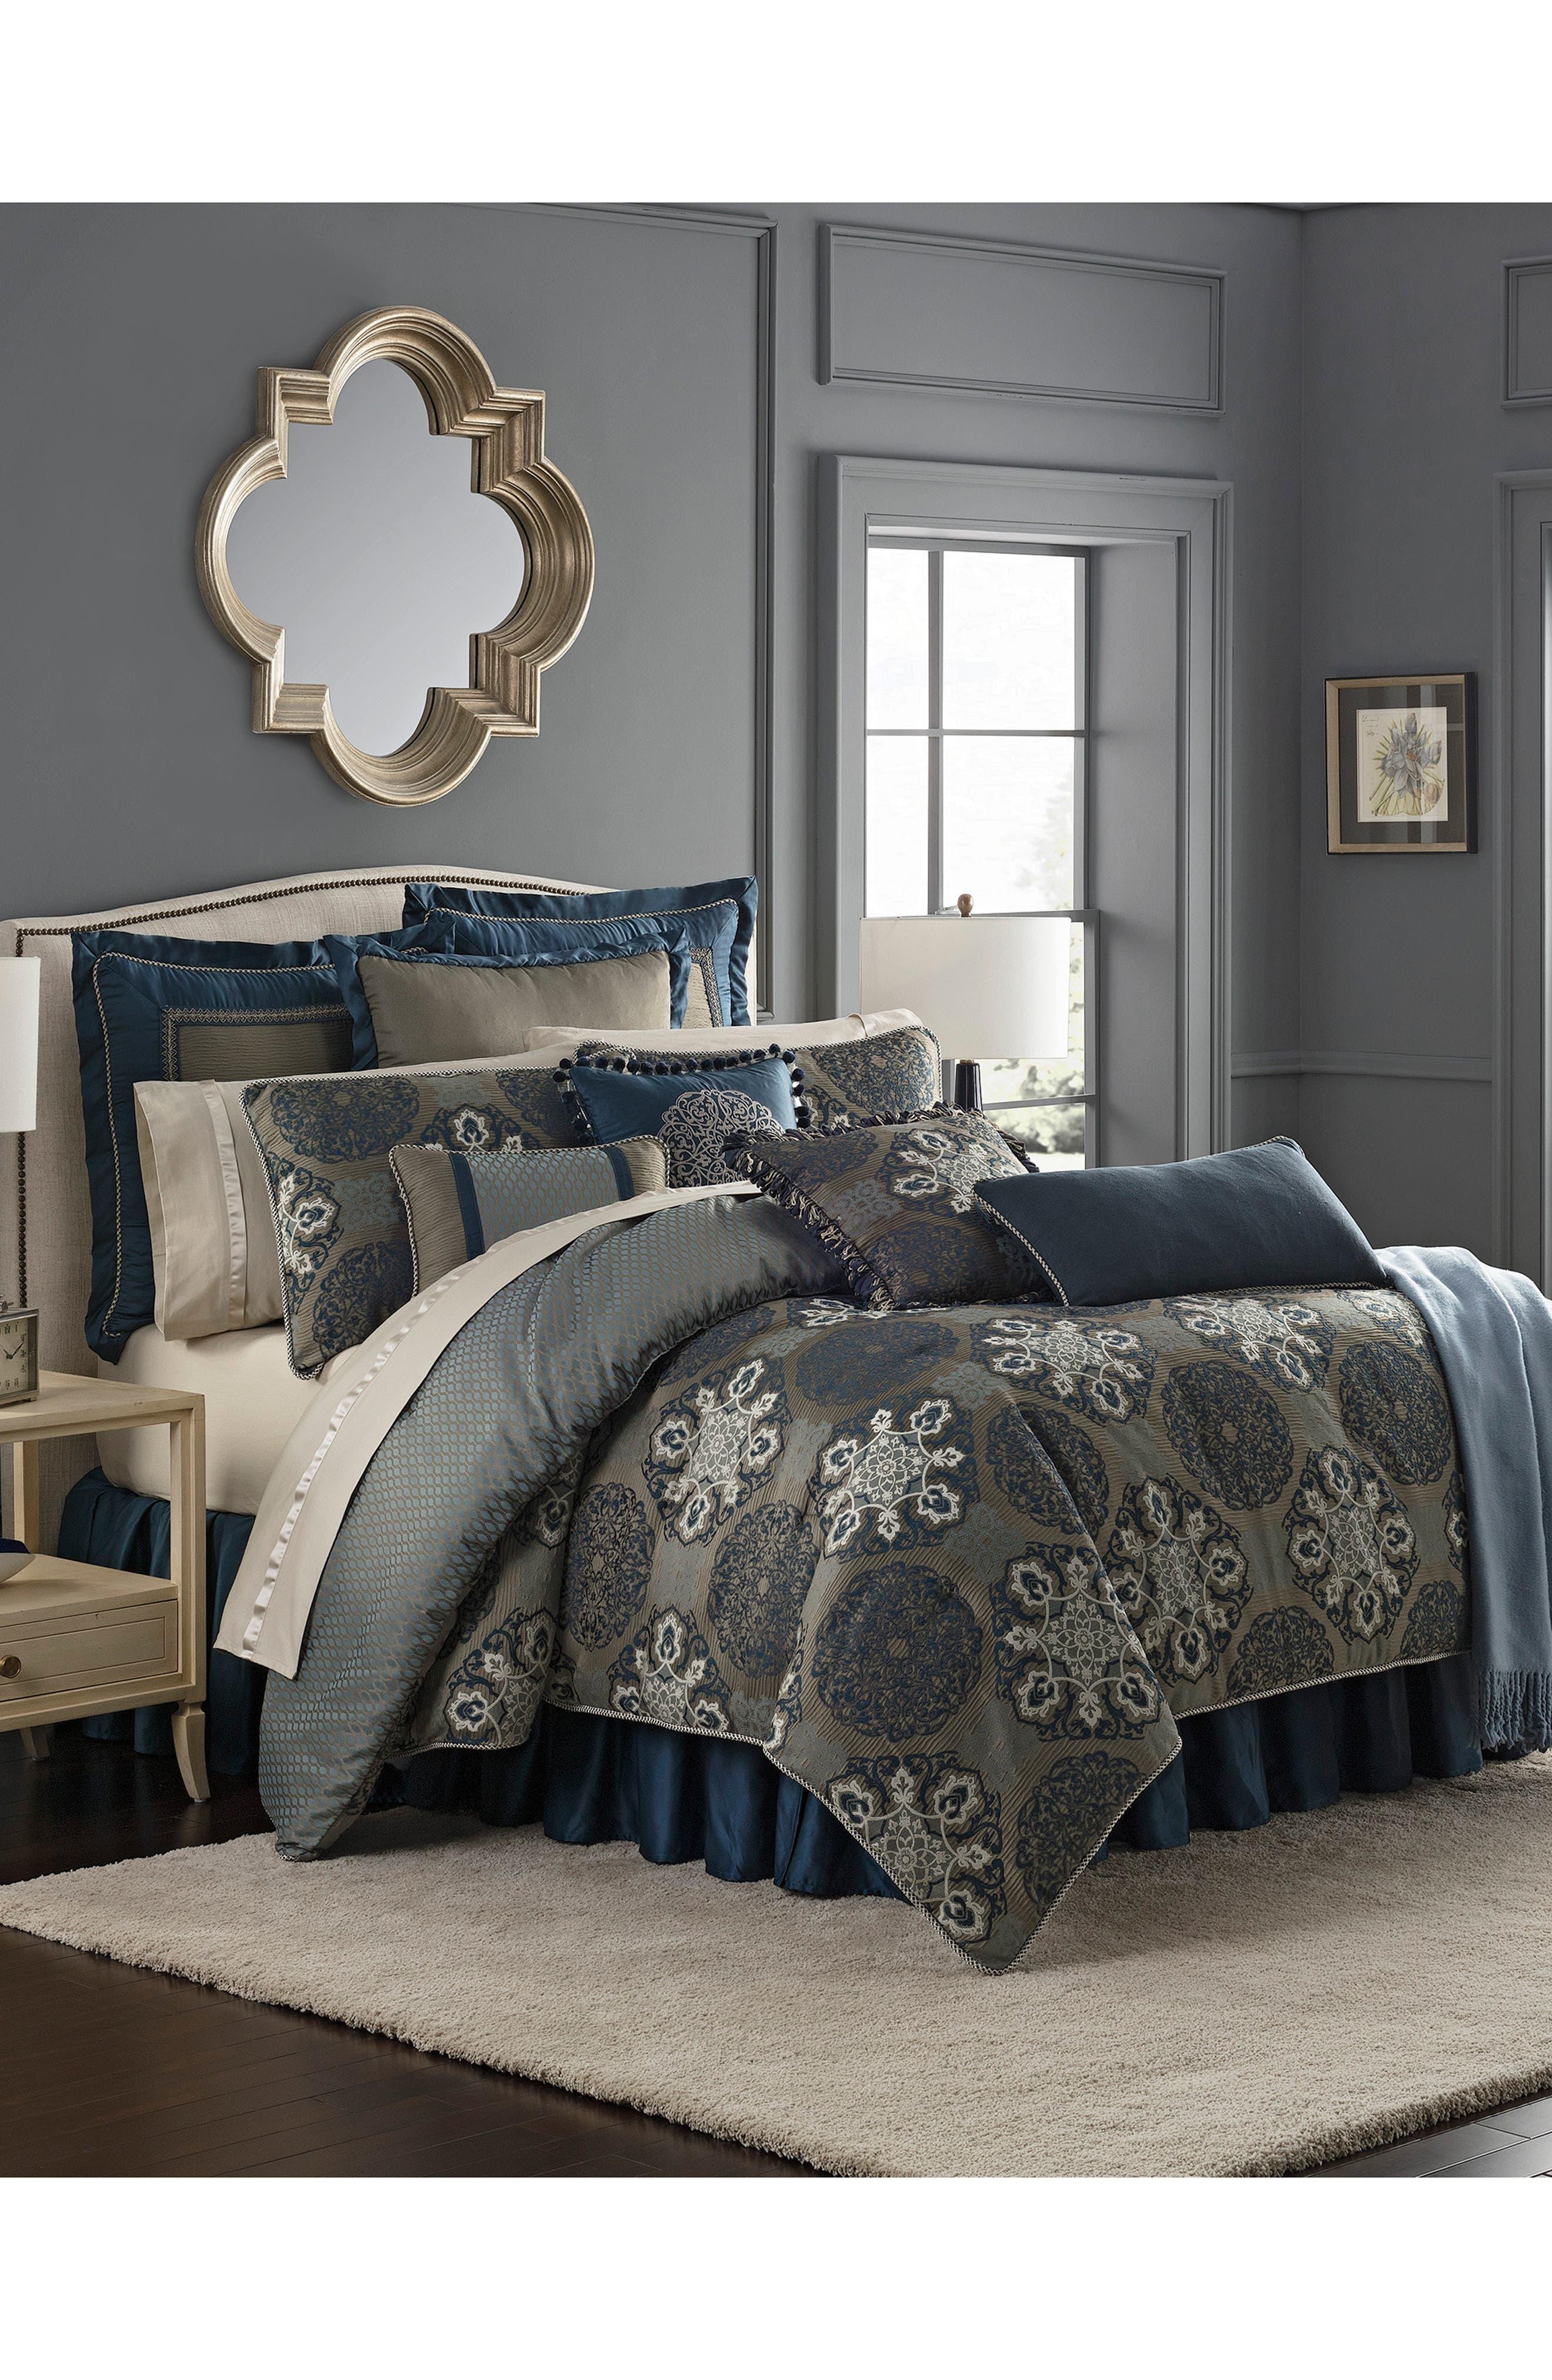 WATERFORD, Jonet Reversible Comforter, Sham & Bedskirt Set, Alternate thumbnail 7, color, INDIGO